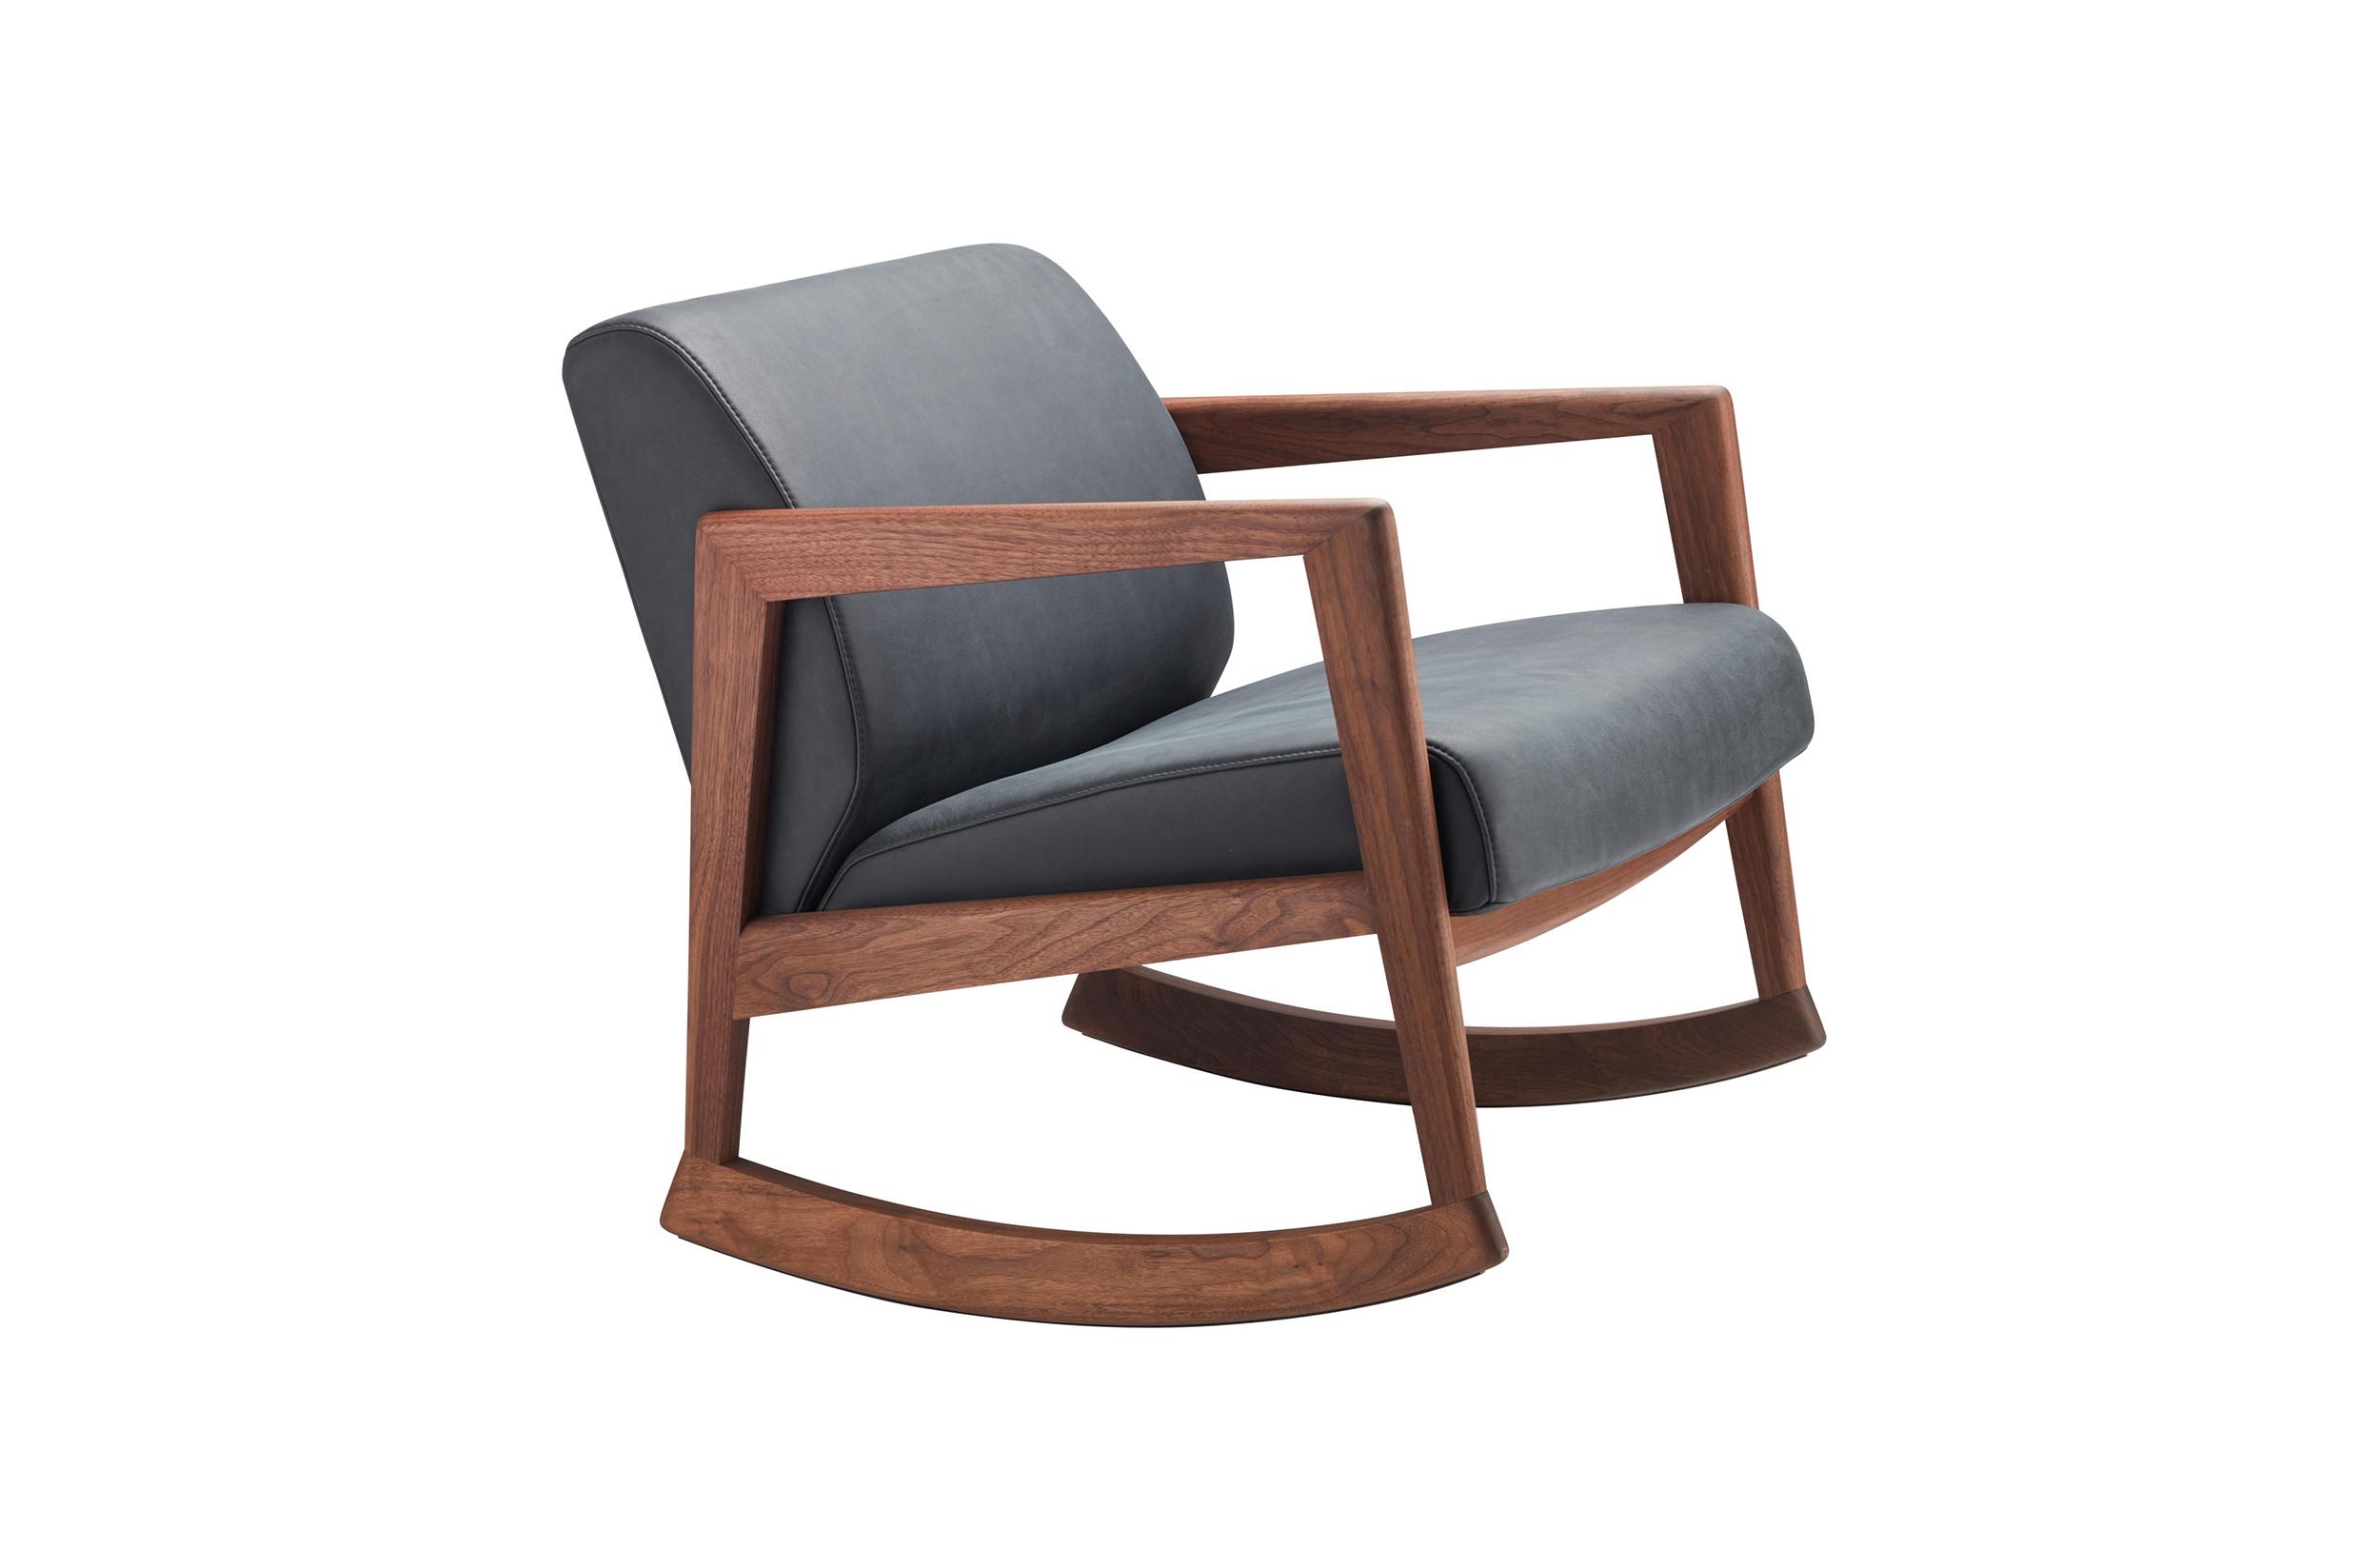 坐具|休闲椅|创意家具|现代家居|时尚家具|设计师家具|定制家具|实木家具|866F扶手椅